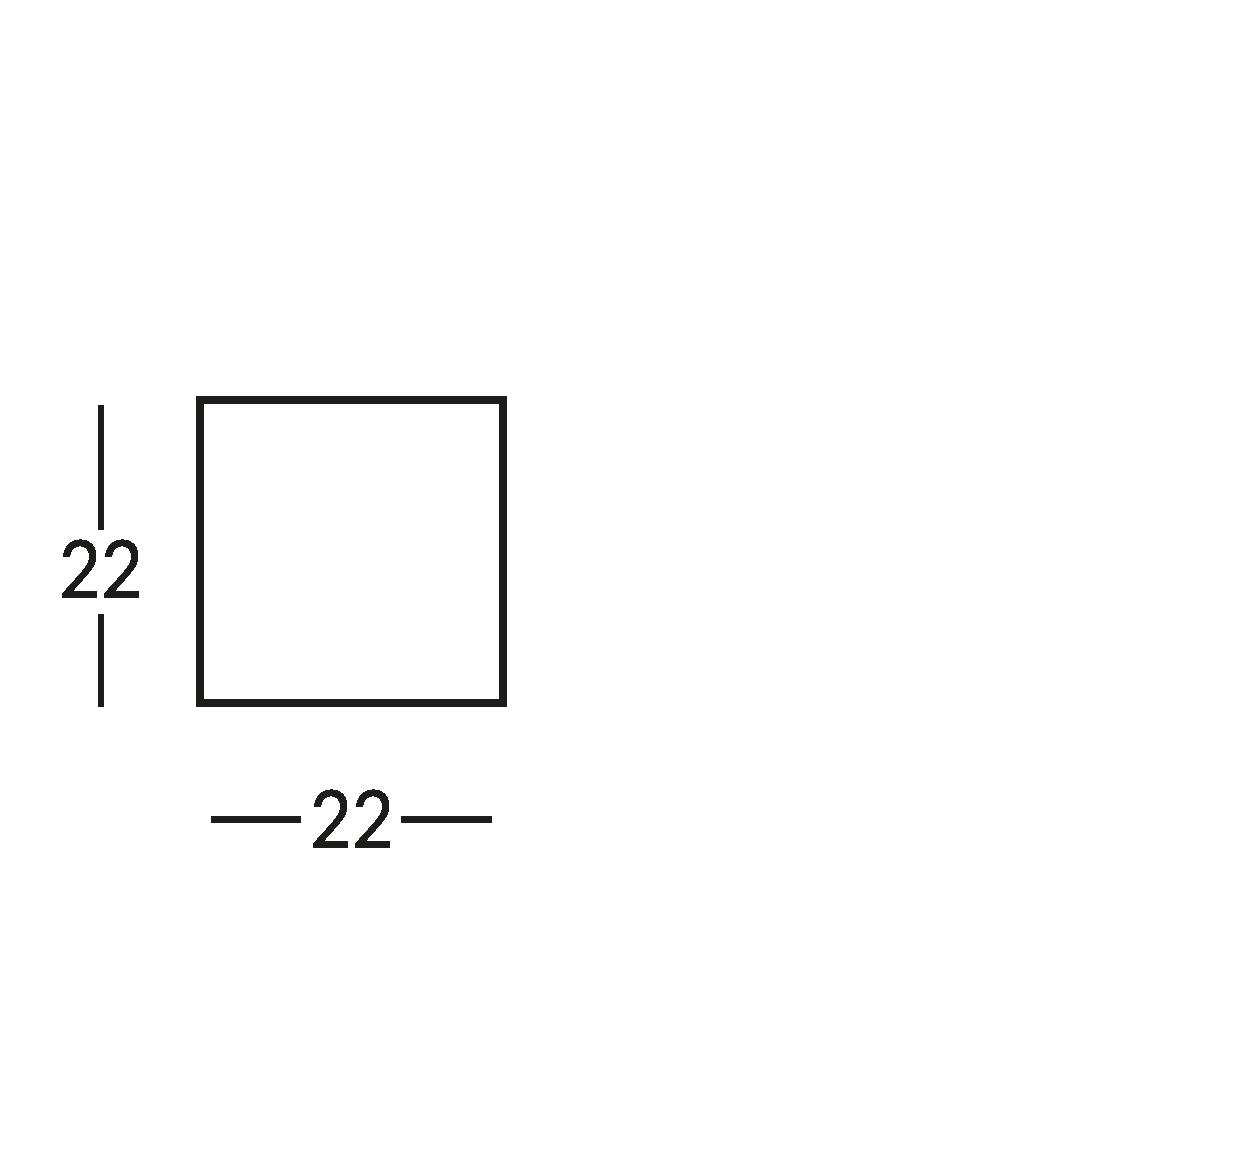 Placa soporte para información, normas y regulaciones, hecho en metal. cm 22x22